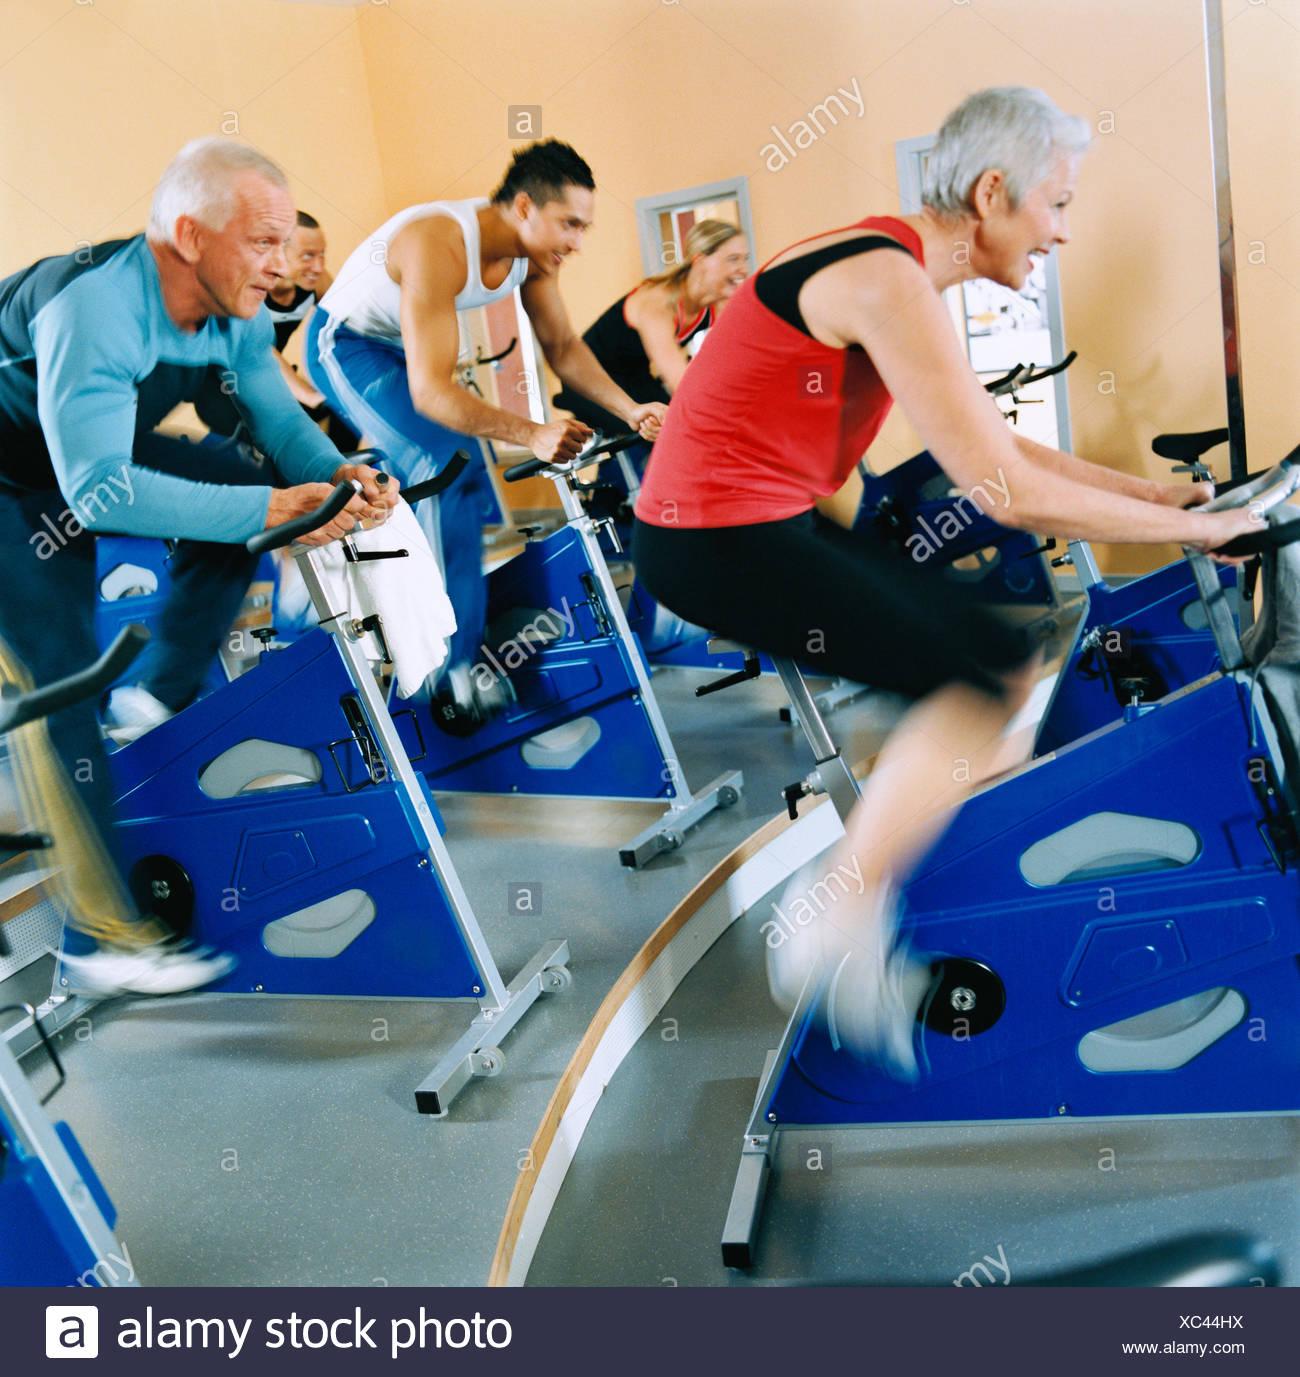 20-24 ans 30-34 ans adultes activité seul athlète location bodybuilding cycle image couleur l'exercice de cinq personnes santé sport Photo Stock